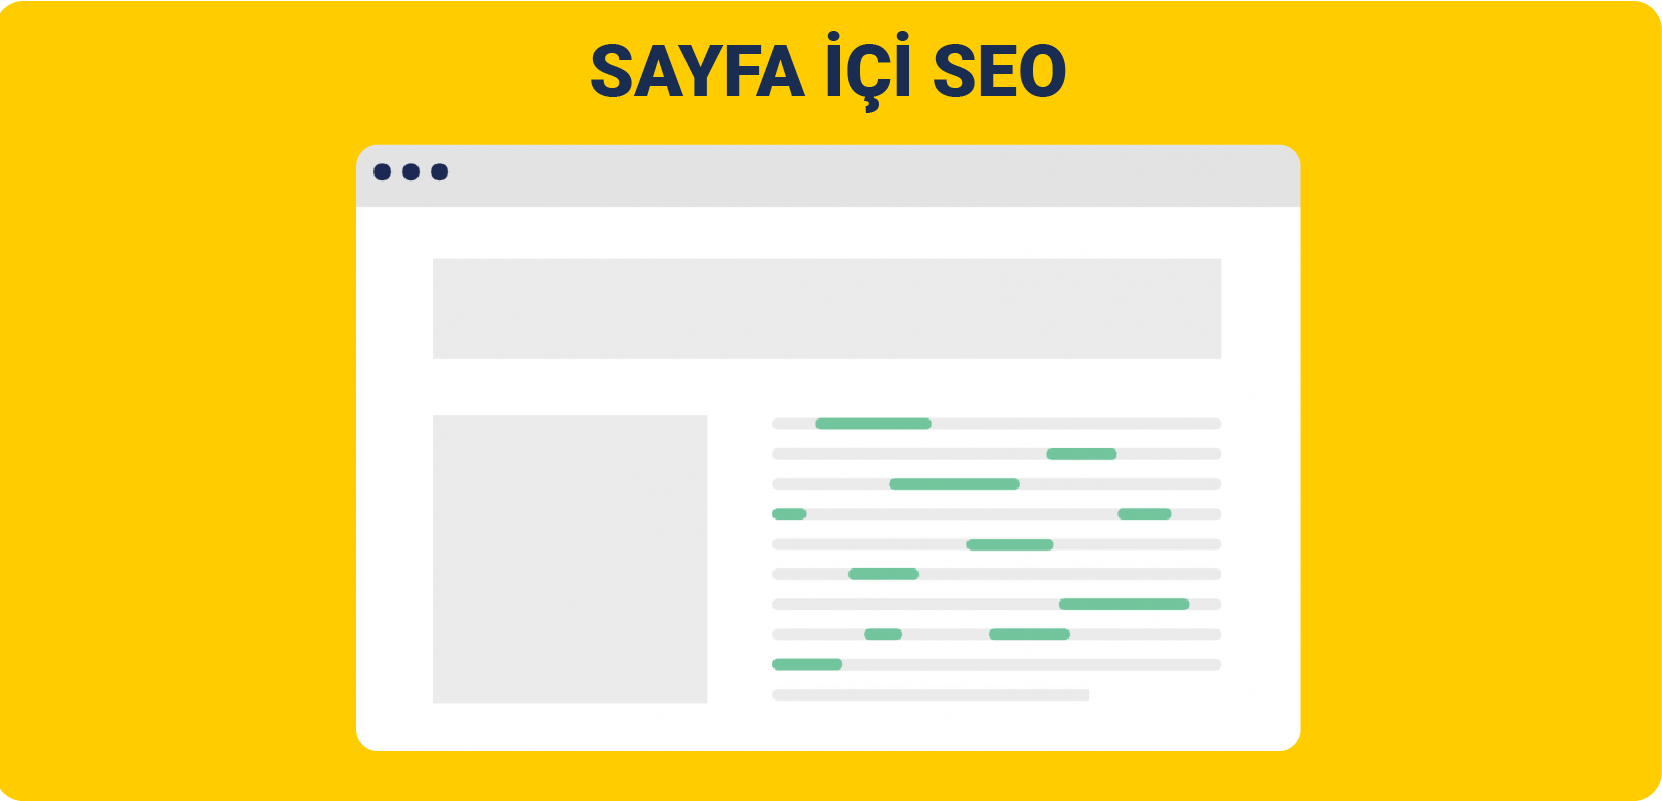 Sayfa İçi SEO Temelleri